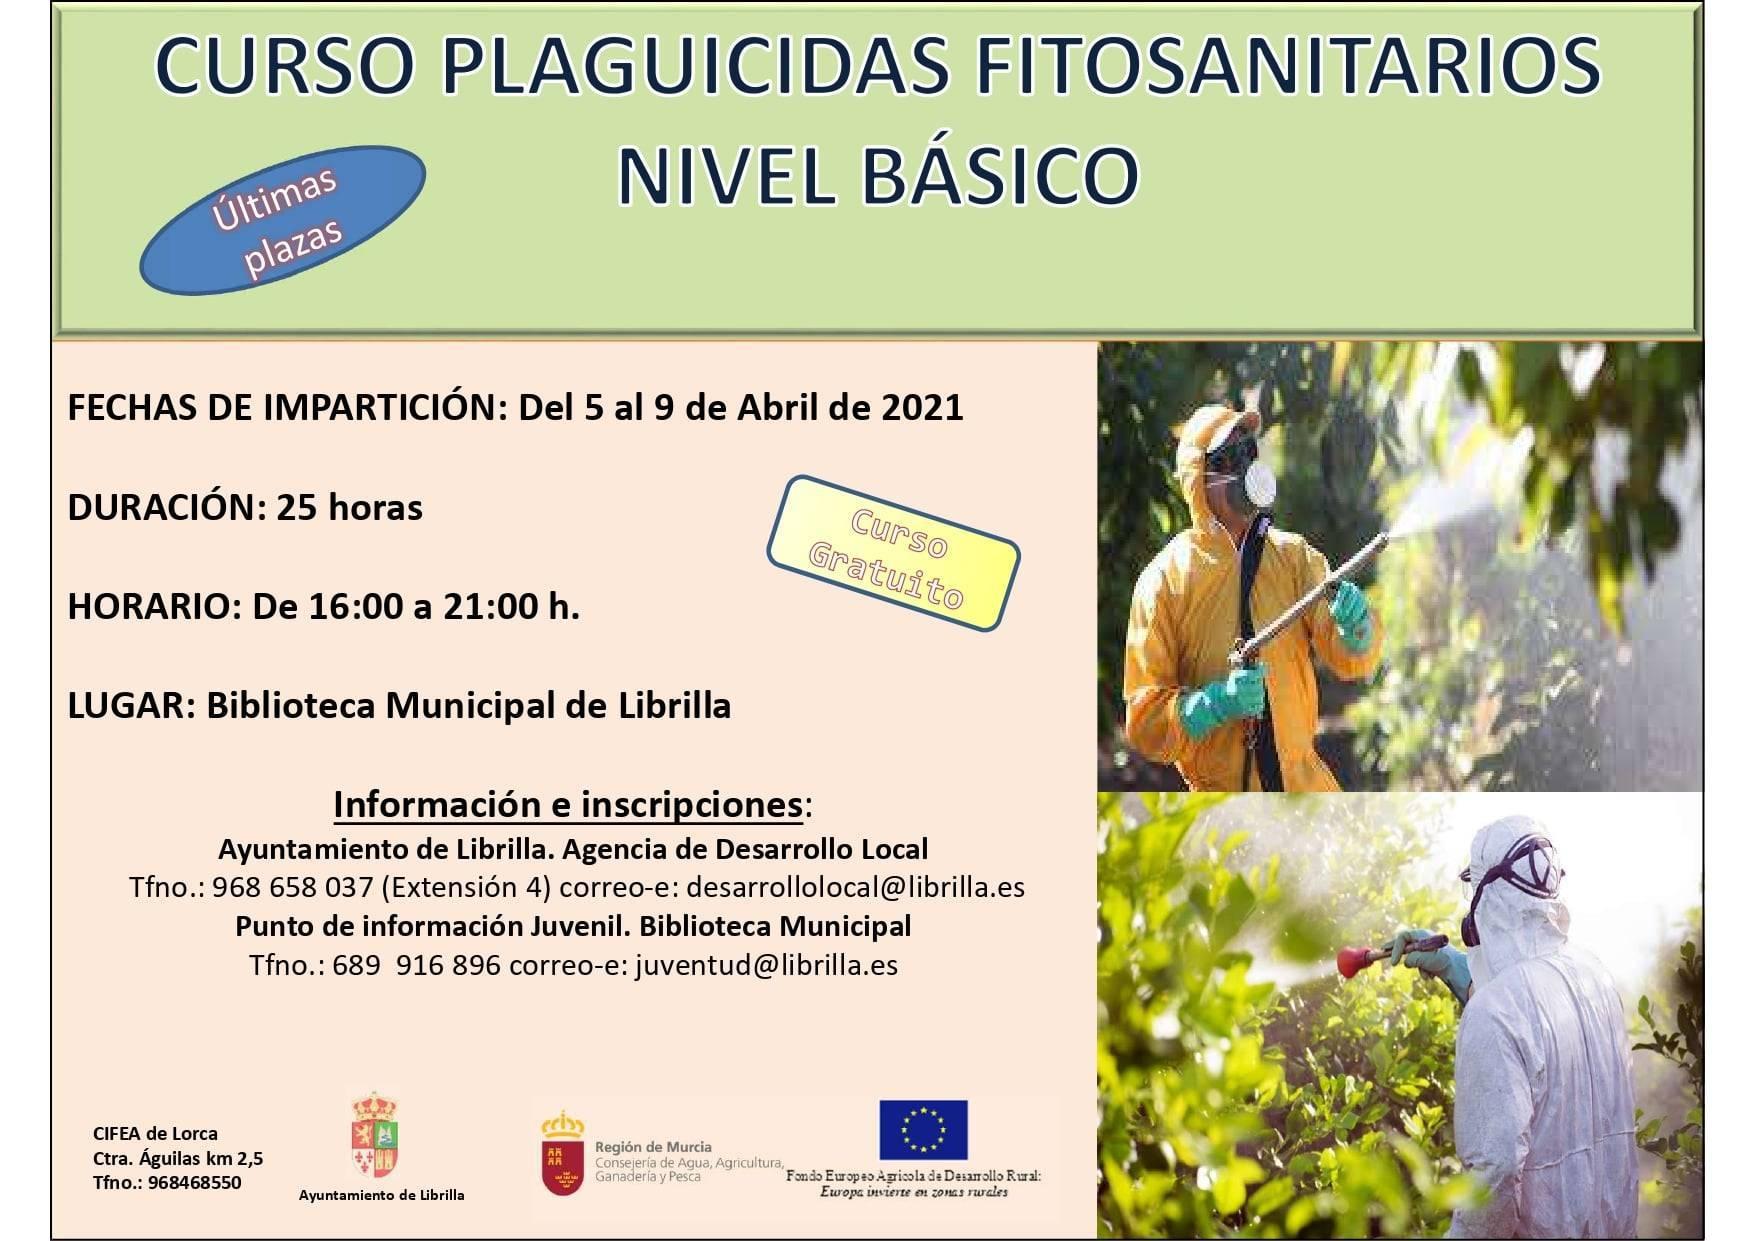 Curso de plaguicidas fitosanitarios de nivel básico (2021) - Librilla (Murcia)